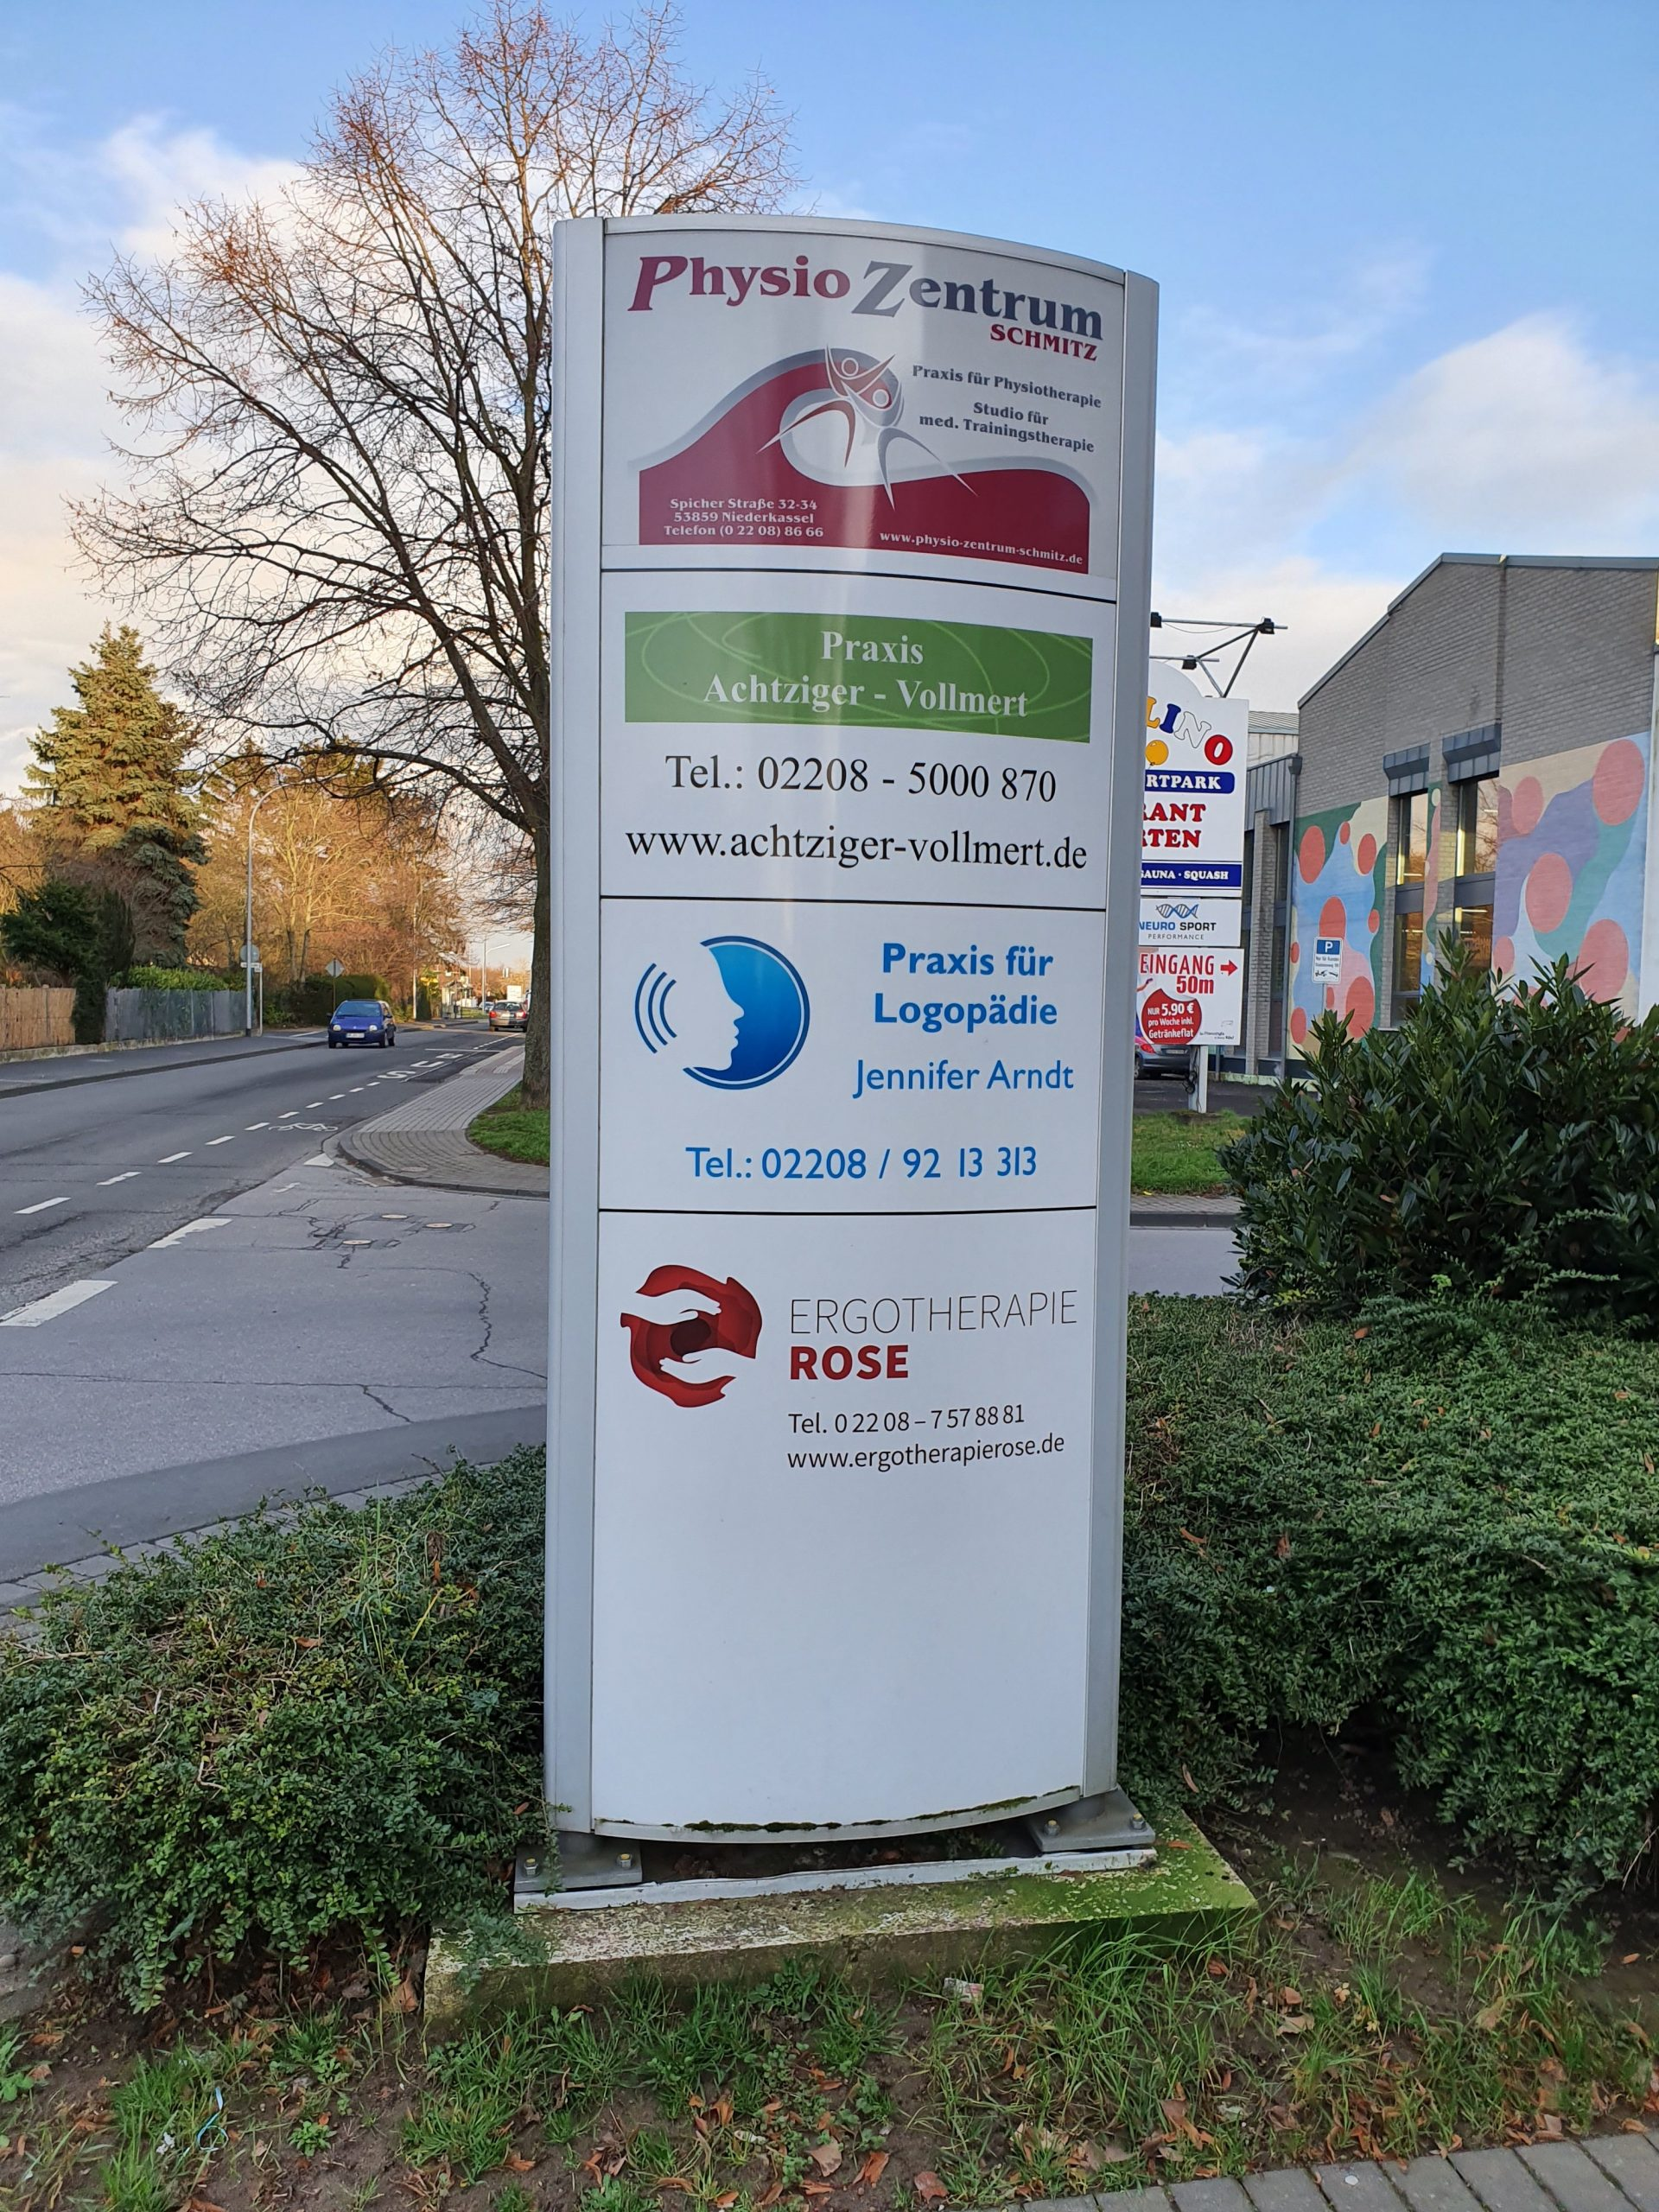 Standort - Niederkassel - Physiozentrum Schmitz